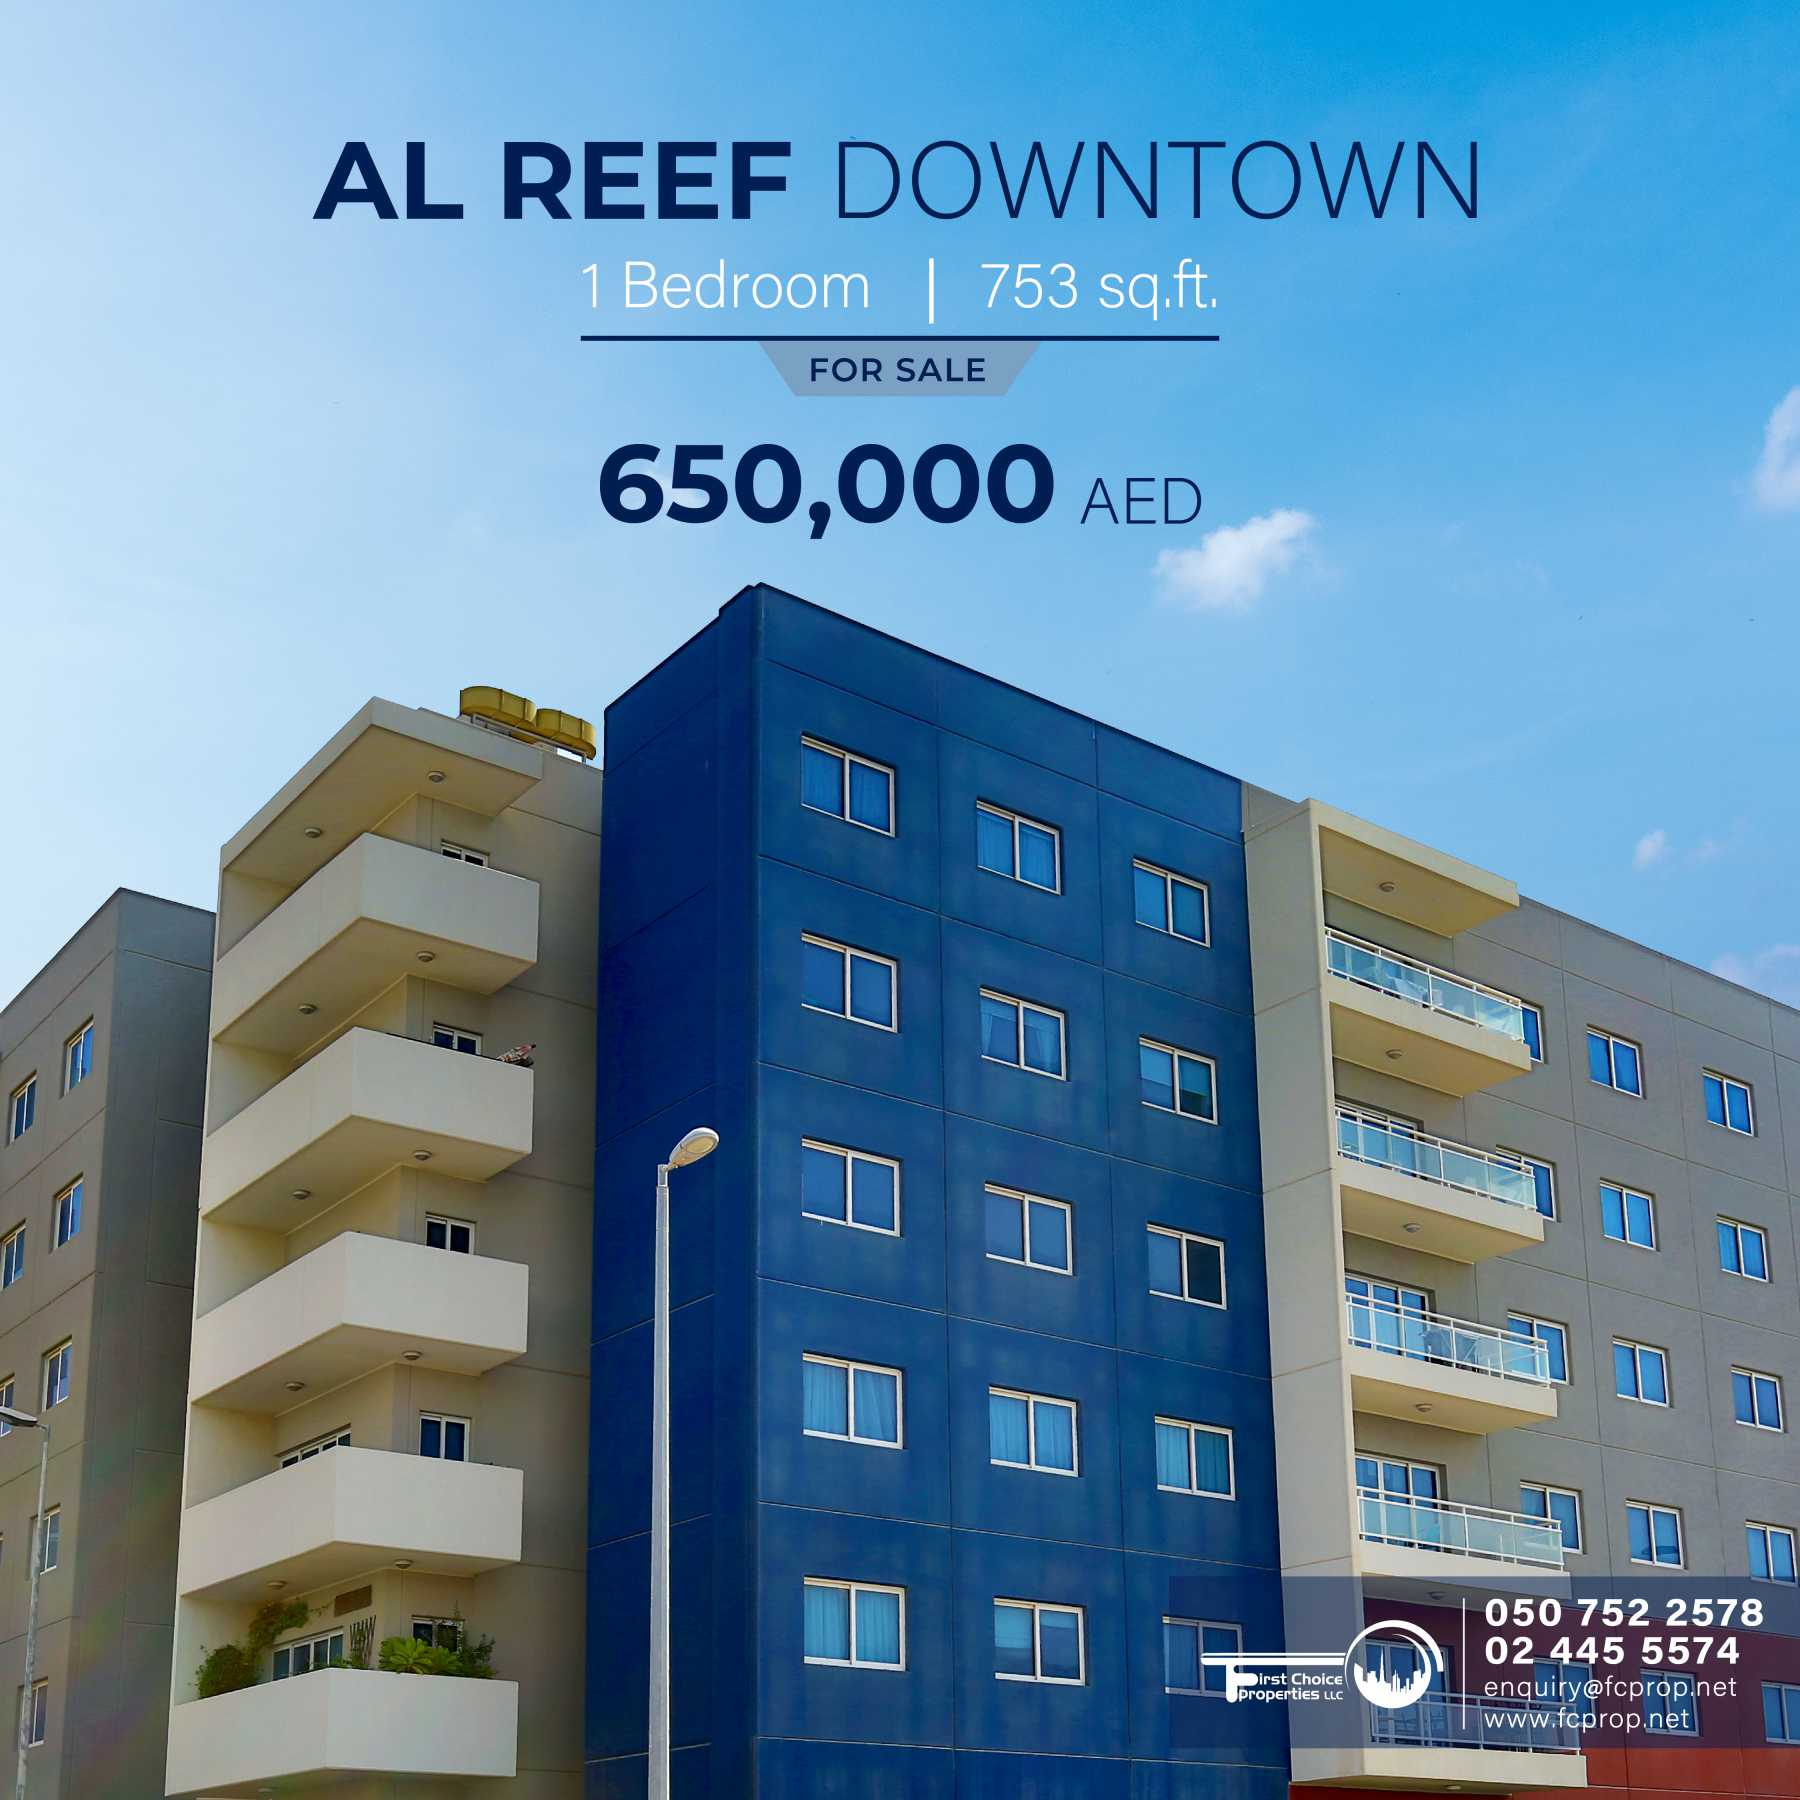 Al Reef Downtown Ad_Sale.jpg